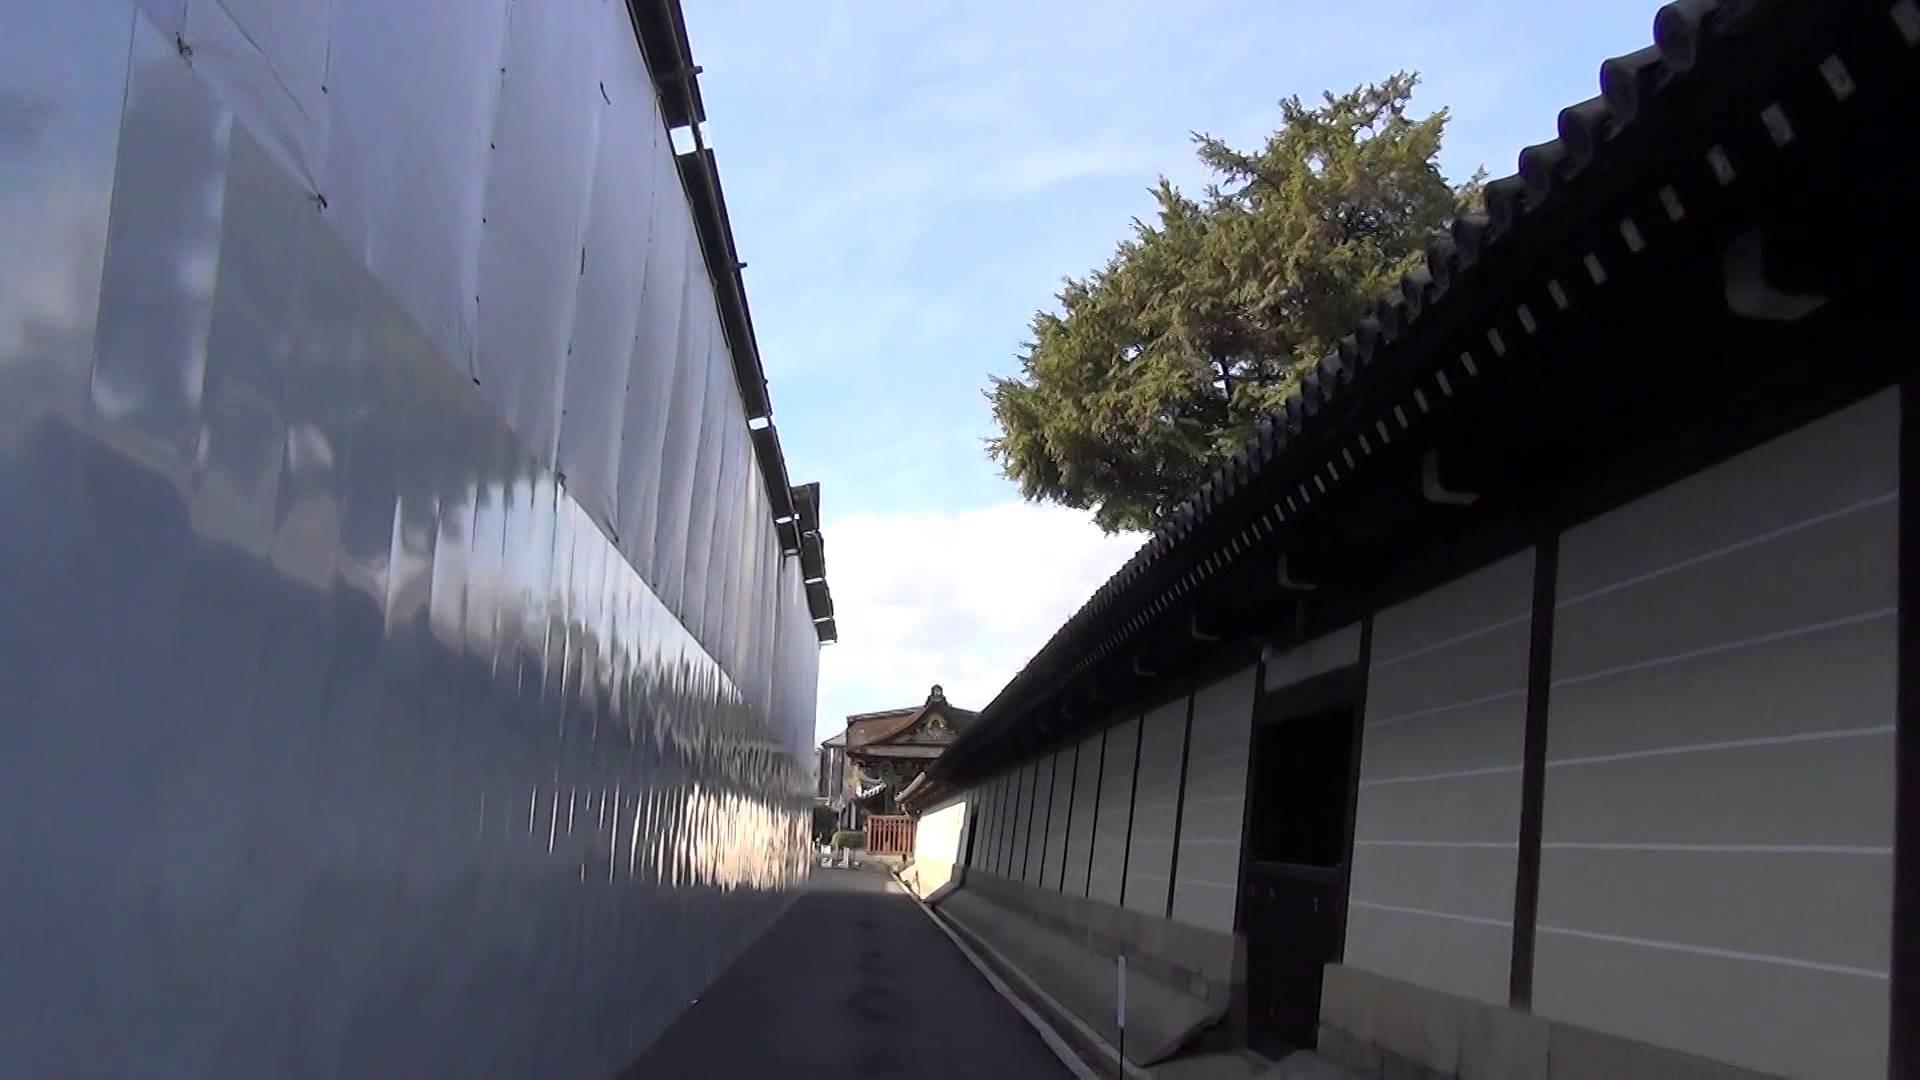 西本願寺編2 【動画道案内】分かりにくい場所にある国宝「唐門」まで